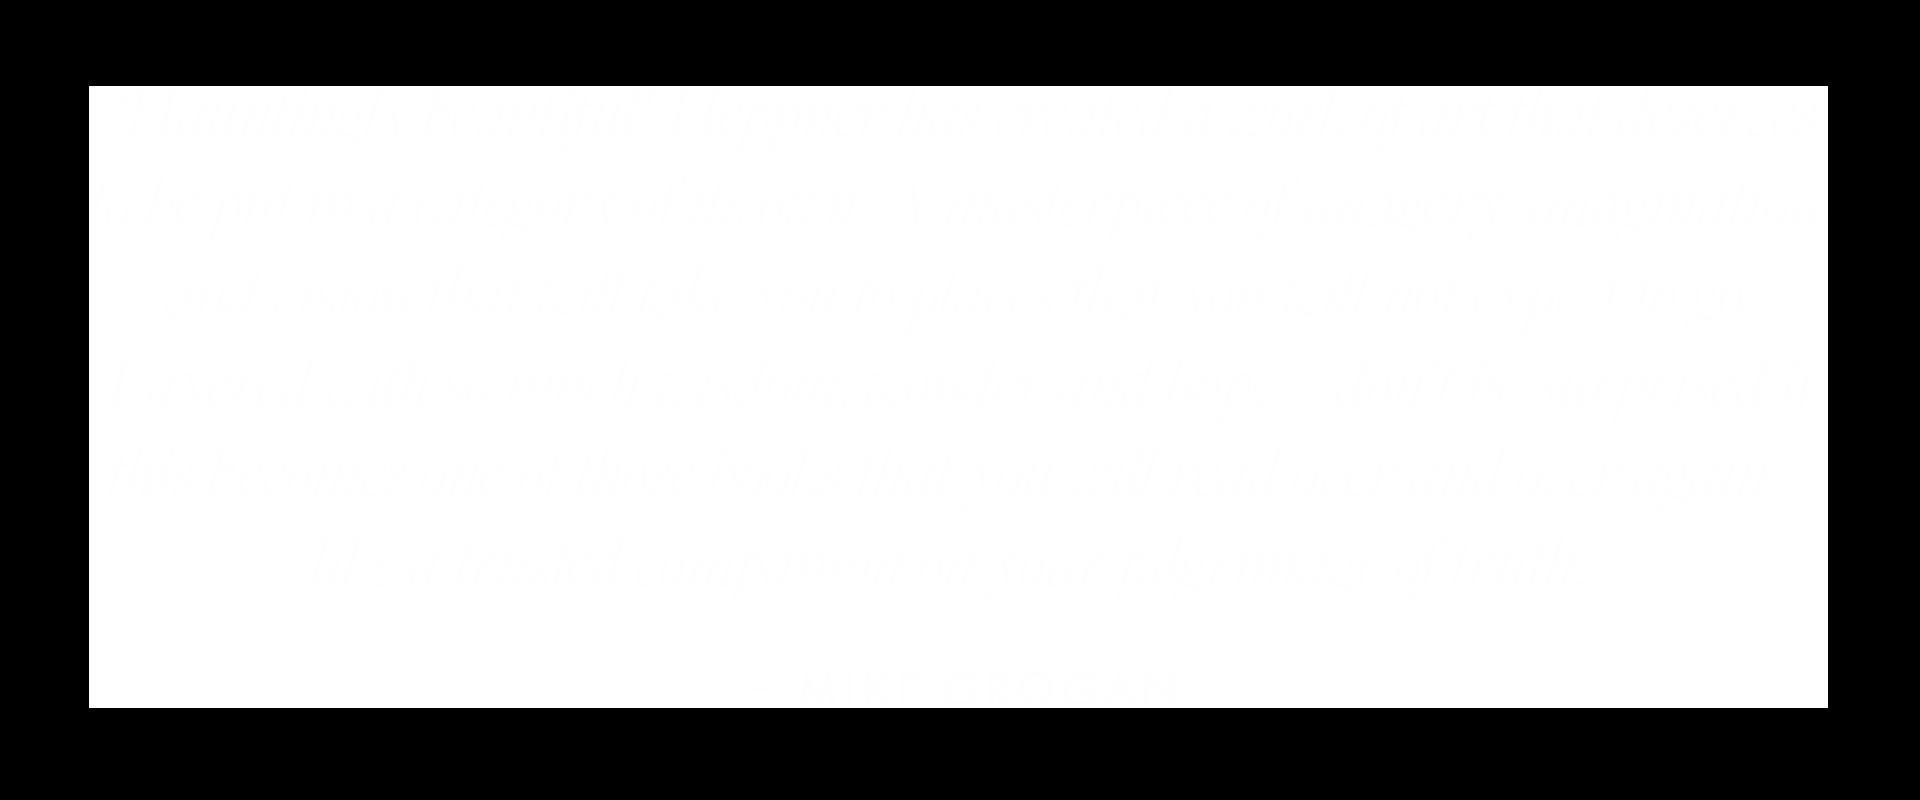 Mike-Grogan.png